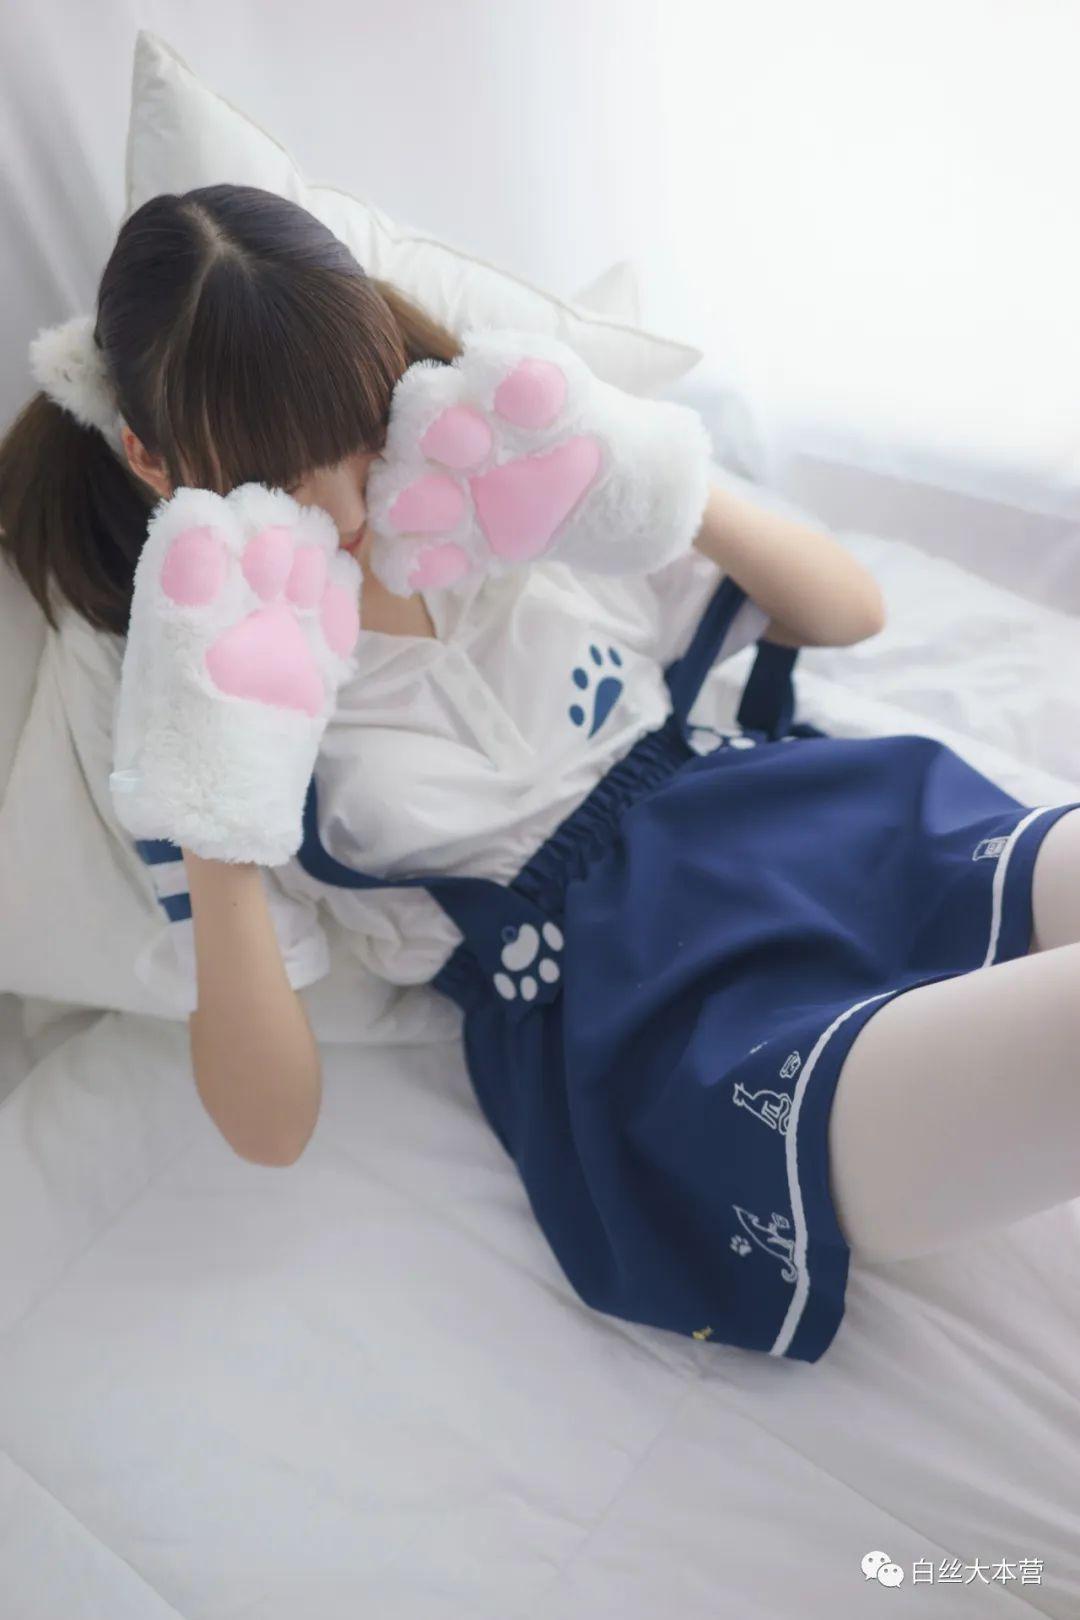 妹子摄影 – 白色丝袜大长腿合集_图片 No.2